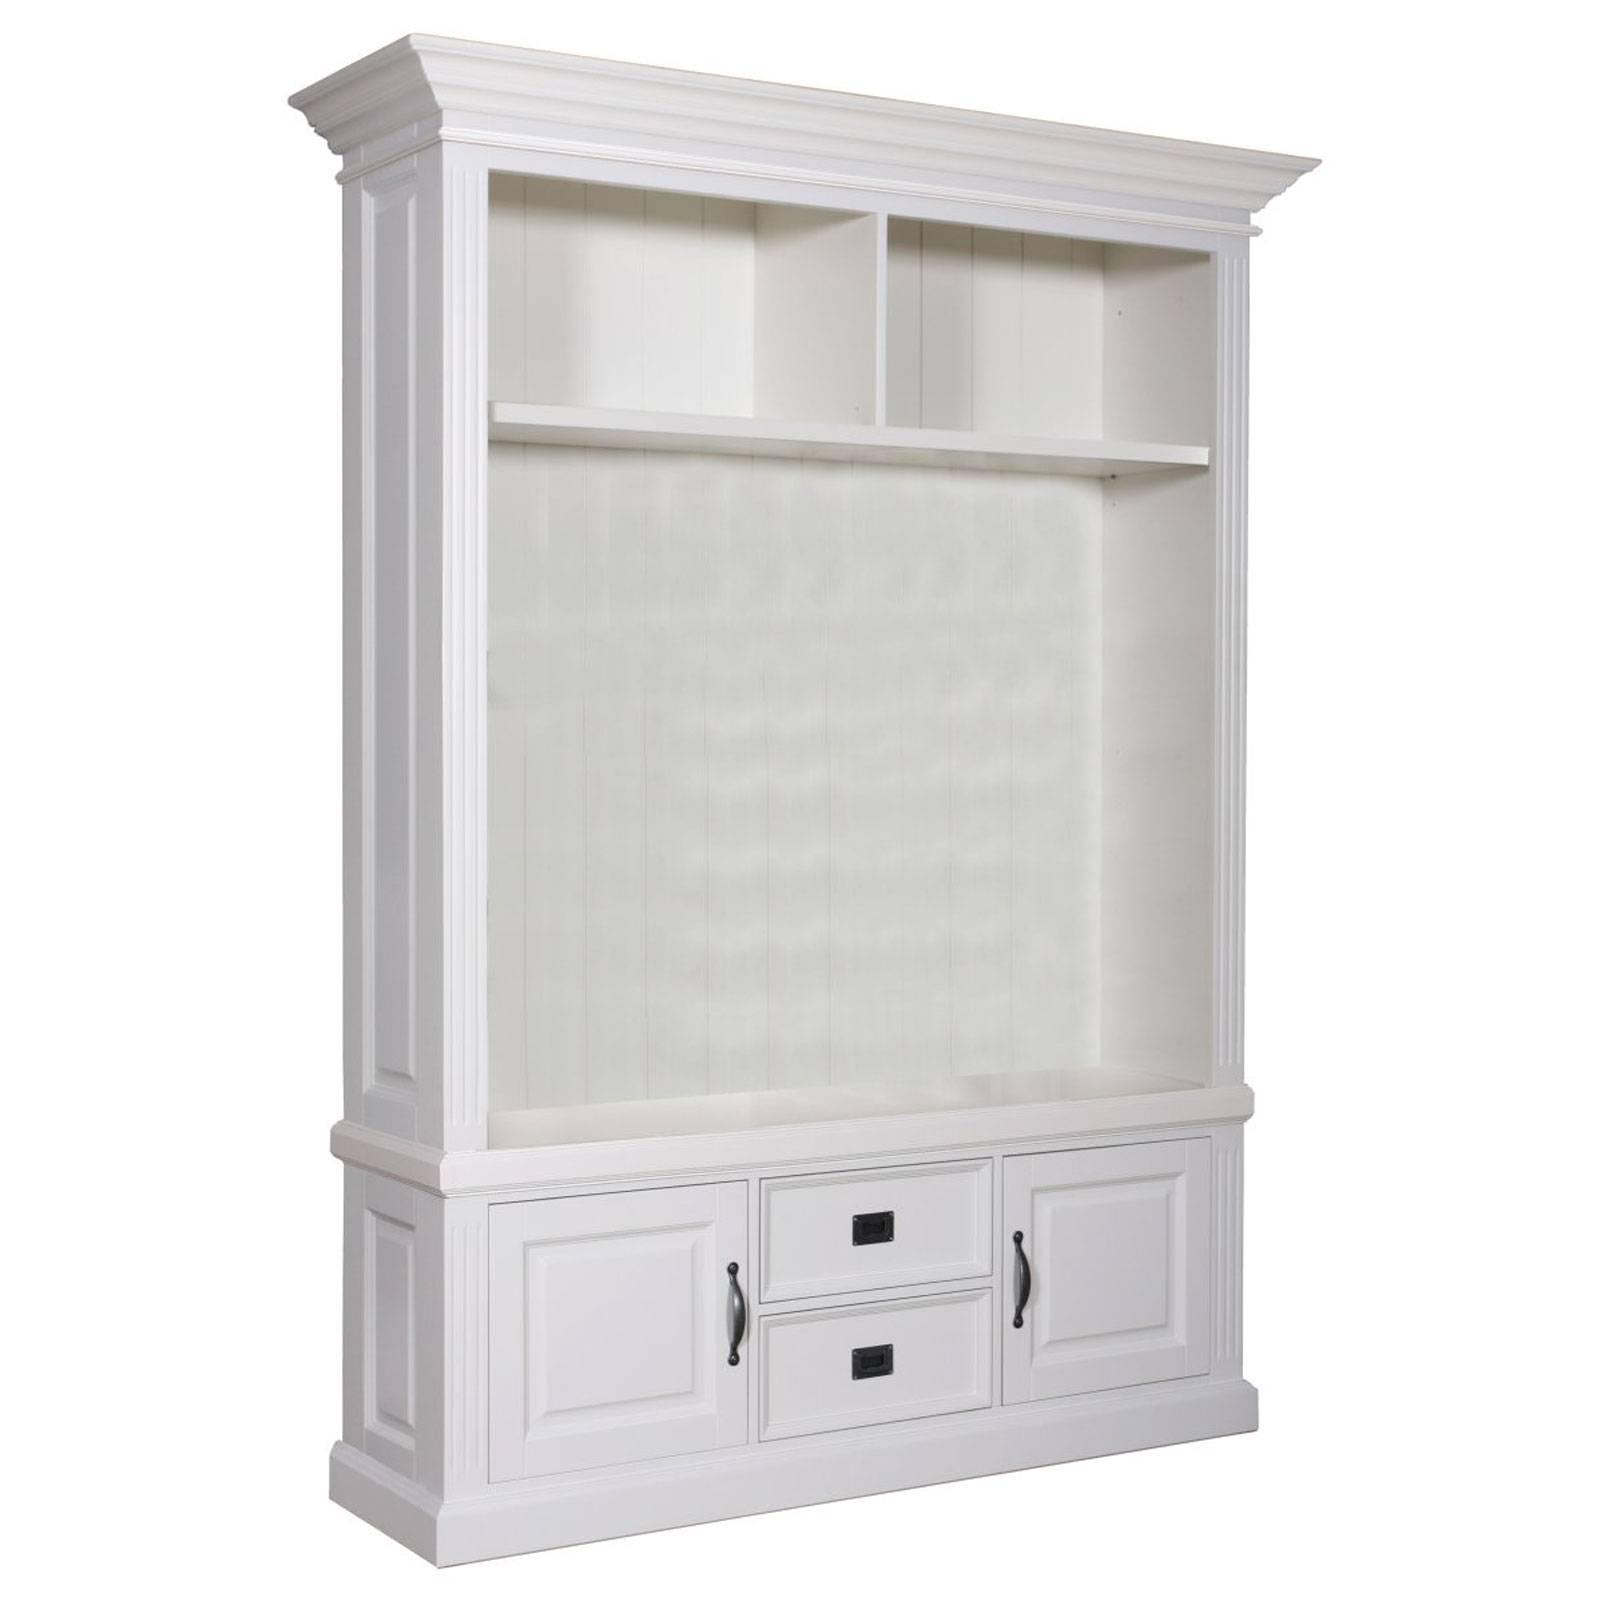 Meuble TV 2 portes 2 tiroirs avec des panneaux de bossage design romantique